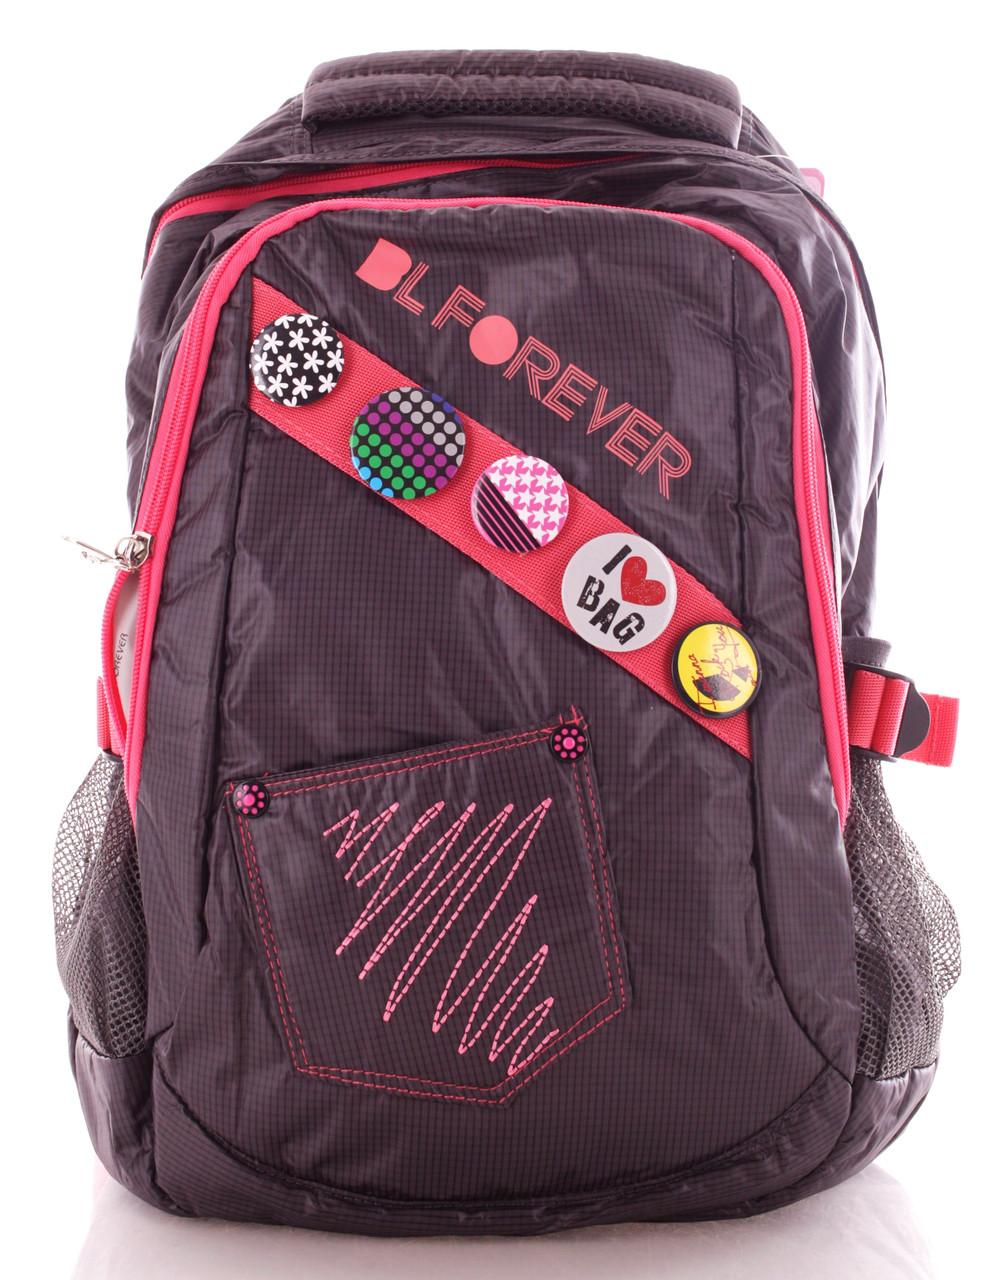 Купить Рюкзак подростковый Bag and backpack forever бордовый 15 л